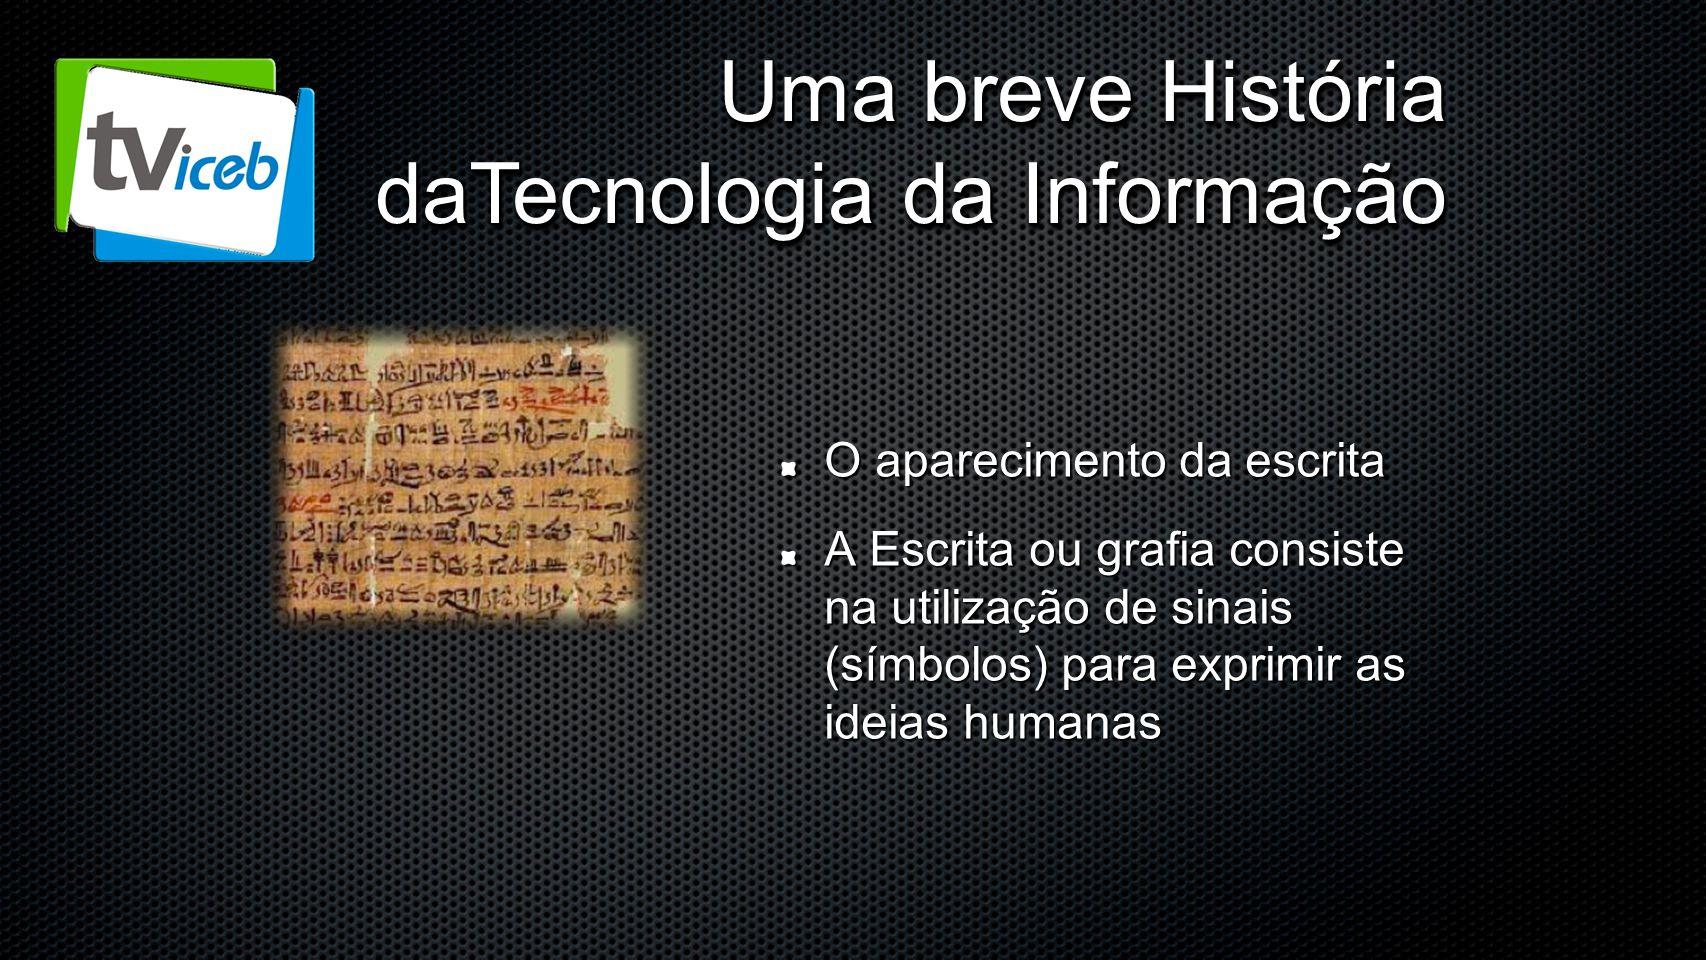 Uma breve História daTecnologia da Informação O aparecimento da escrita A Escrita ou grafia consiste na utilização de sinais (símbolos) para exprimir